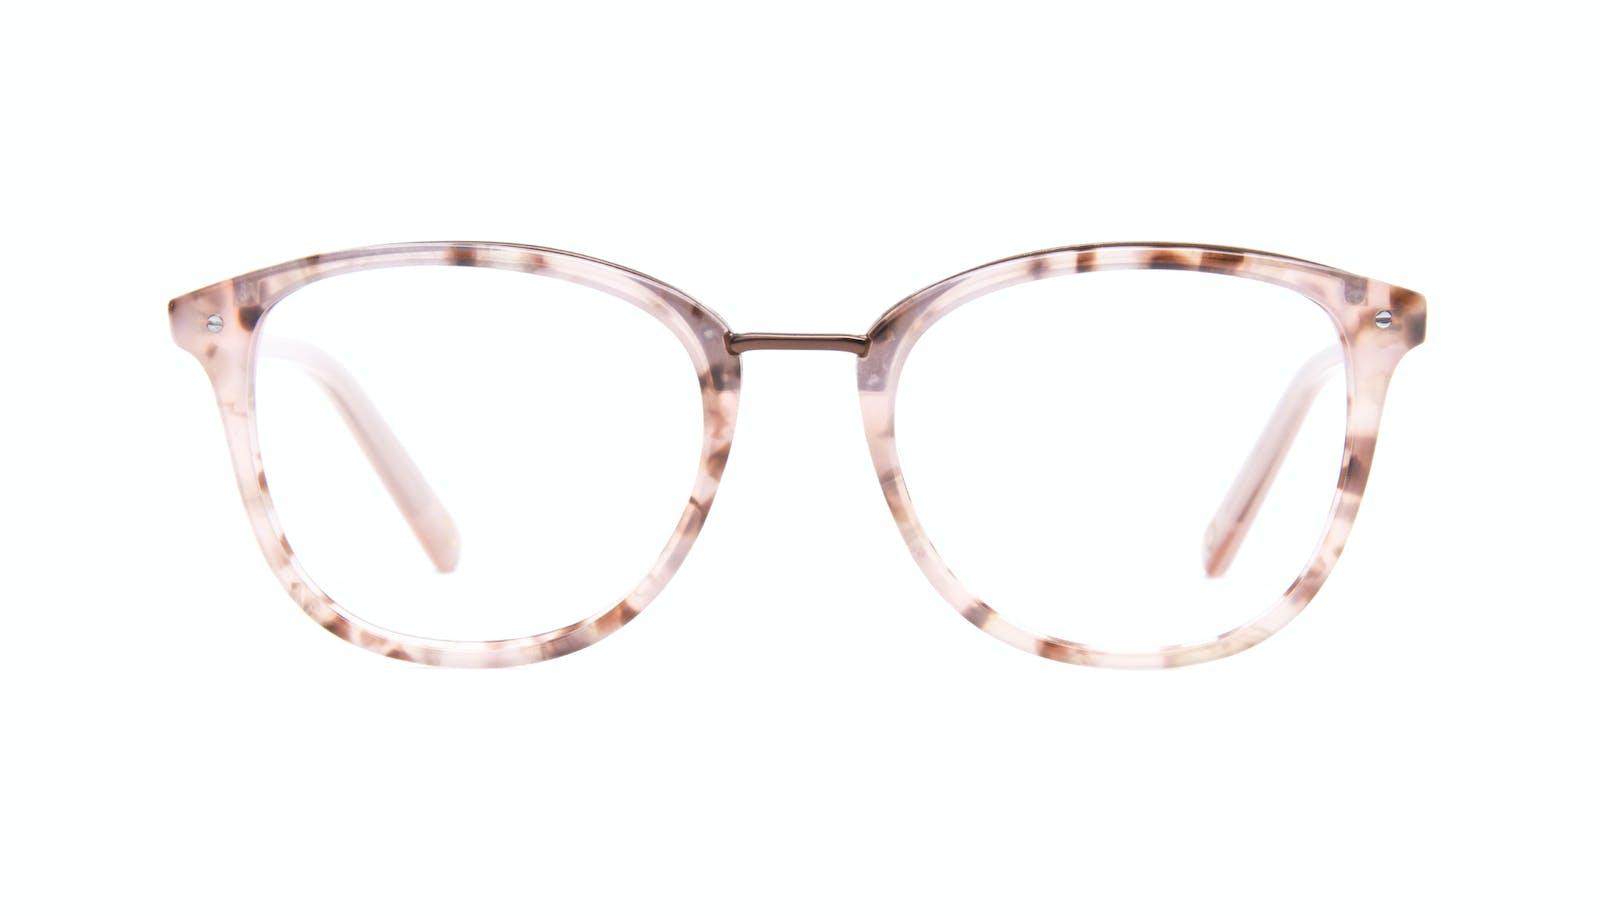 1e5fb26367 Women s Eyeglasses - Bella in Blush Tortie